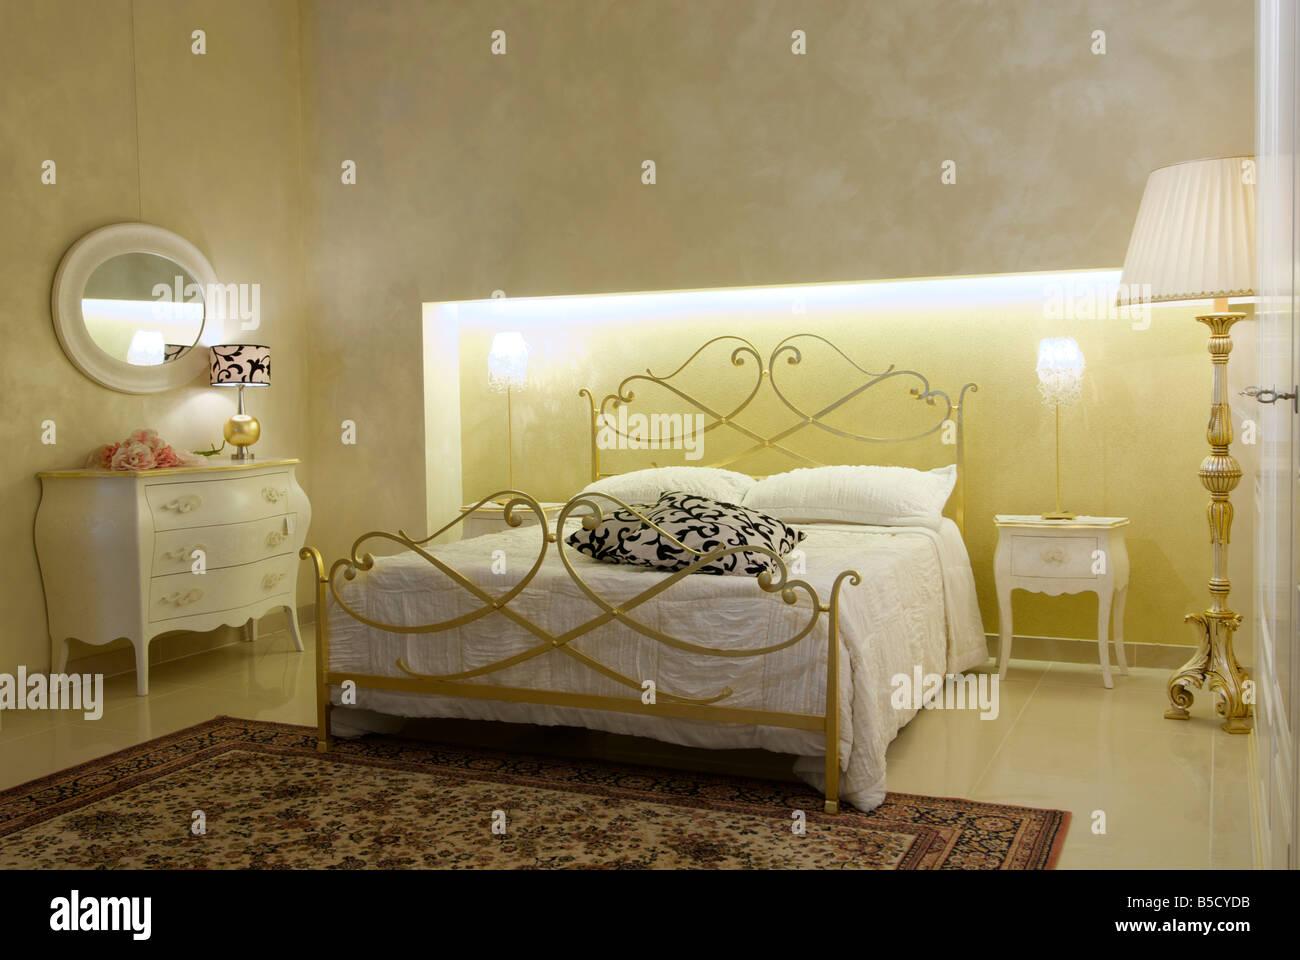 Riscaldare Camera Da Letto riscaldare la camera da letto classica foto & immagine stock